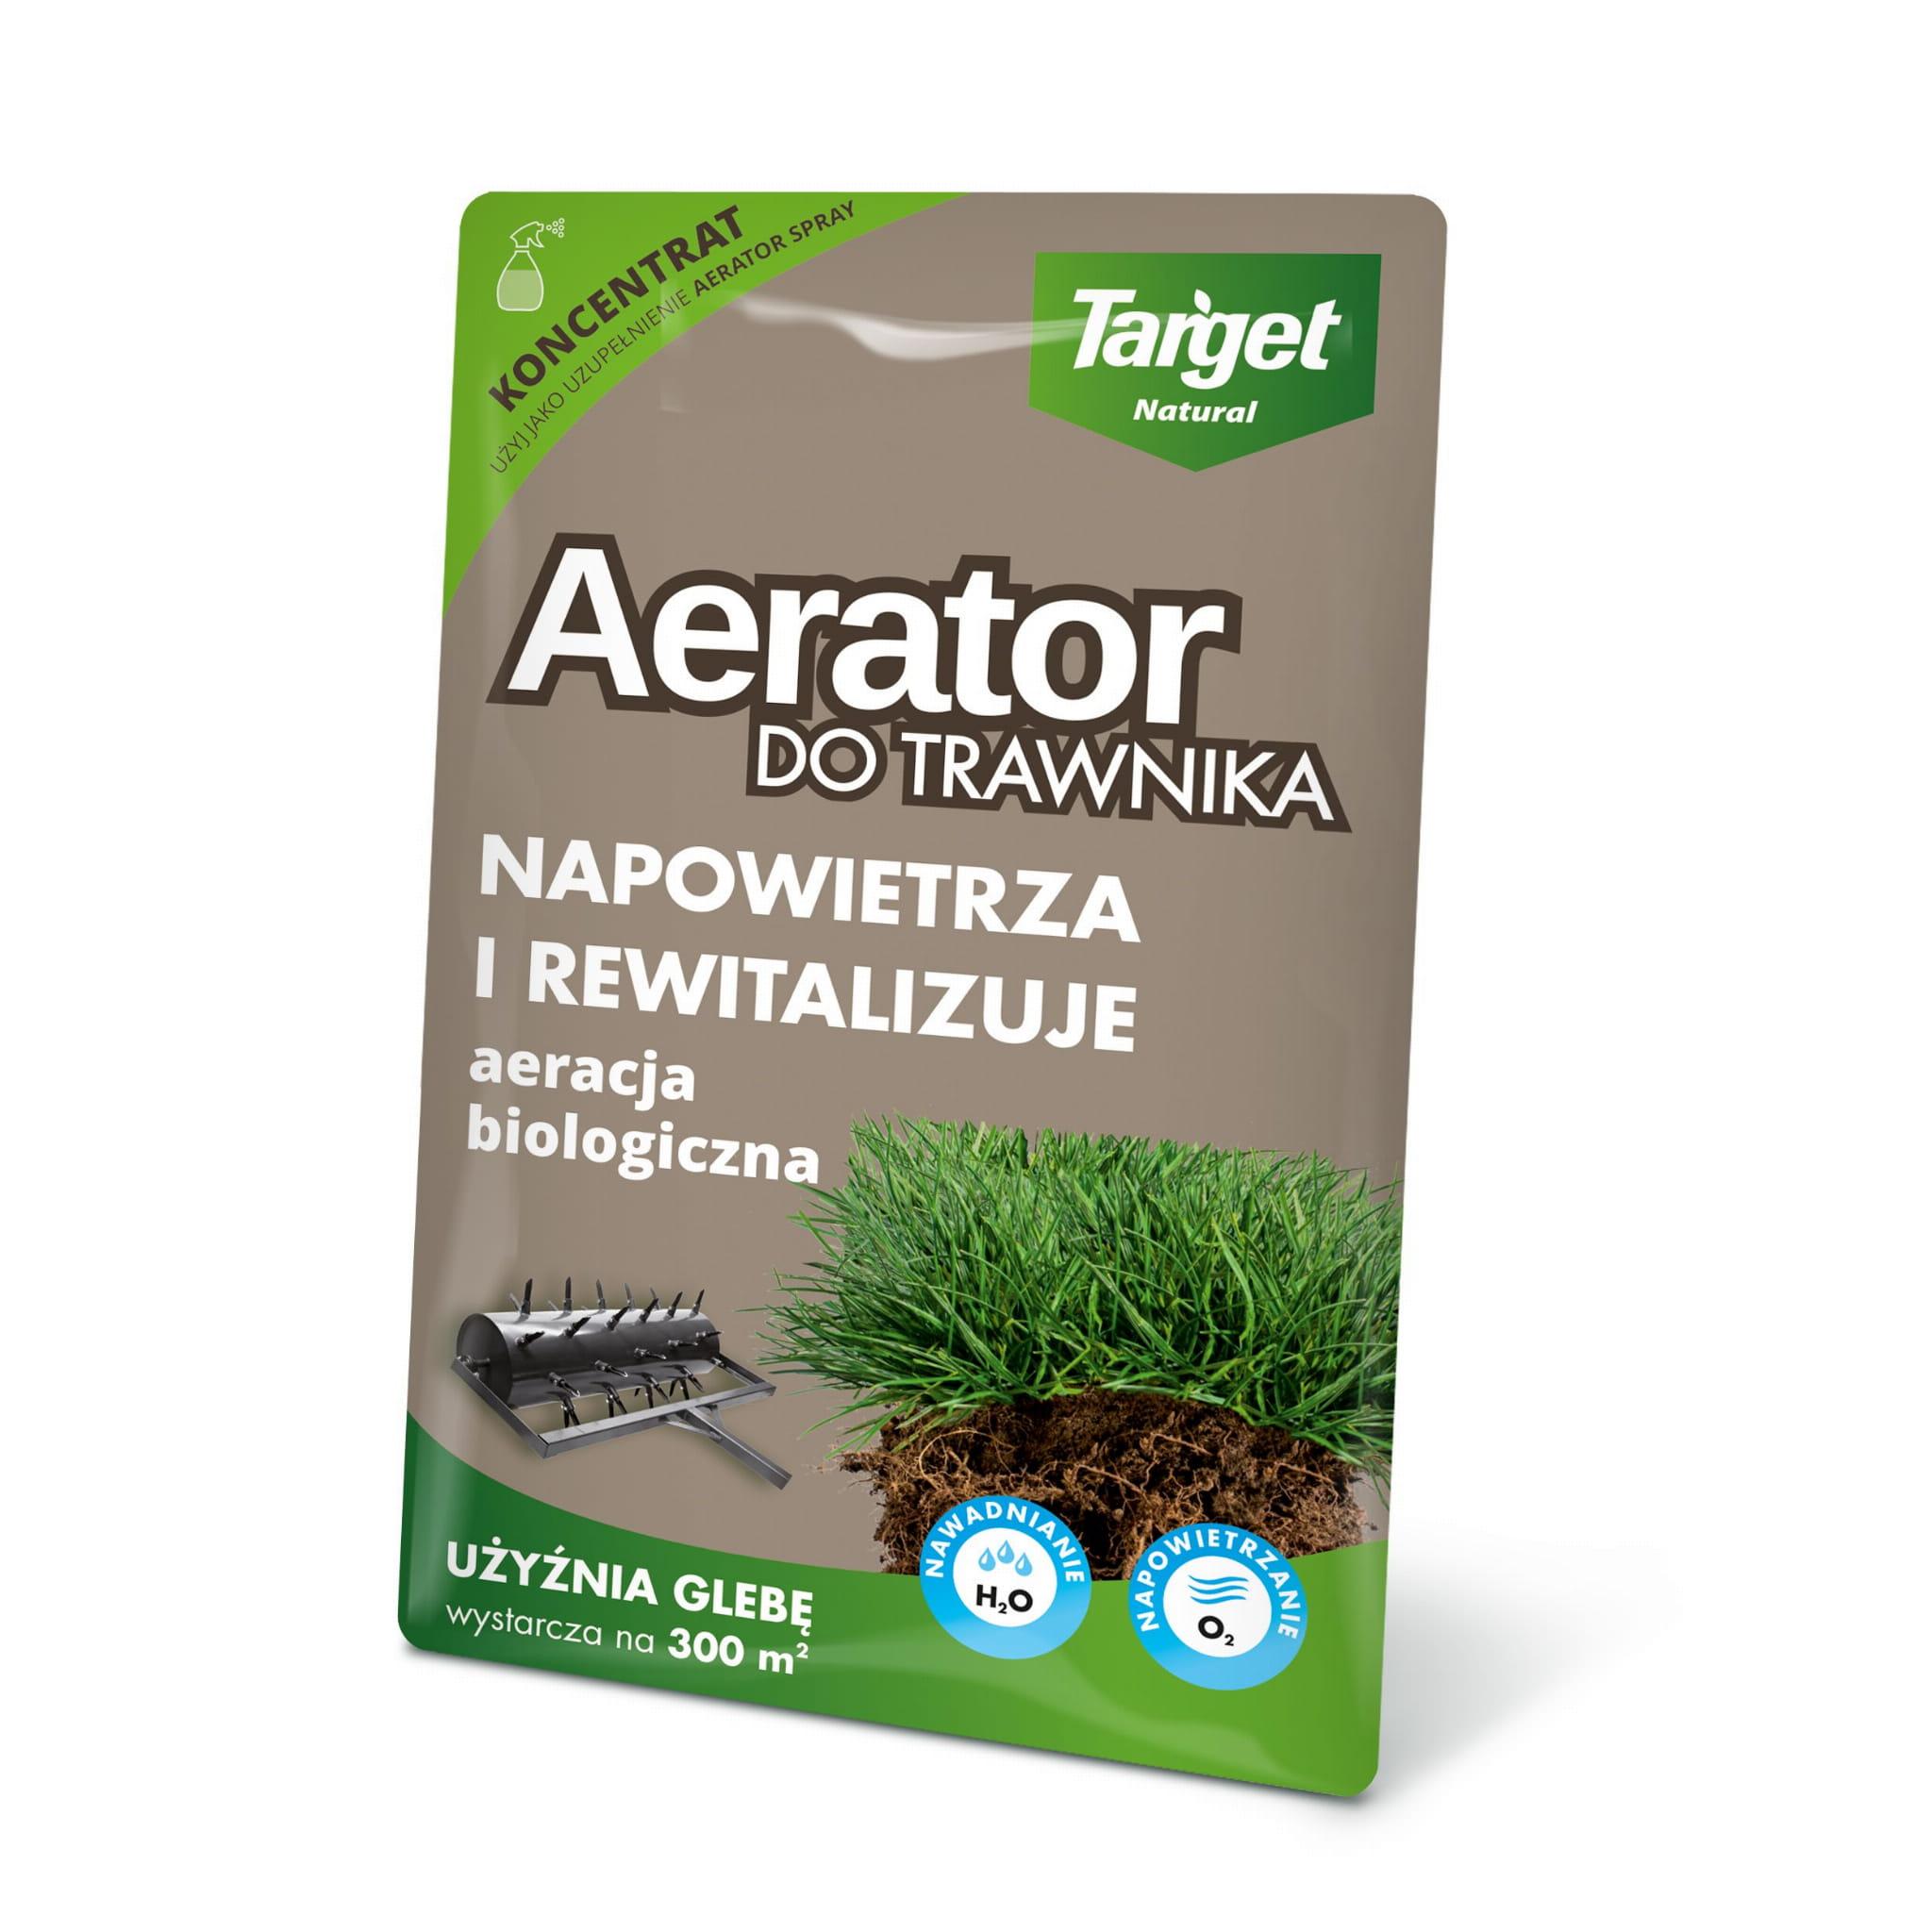 Aerator w płynie do trawników 30 ml koncentrat